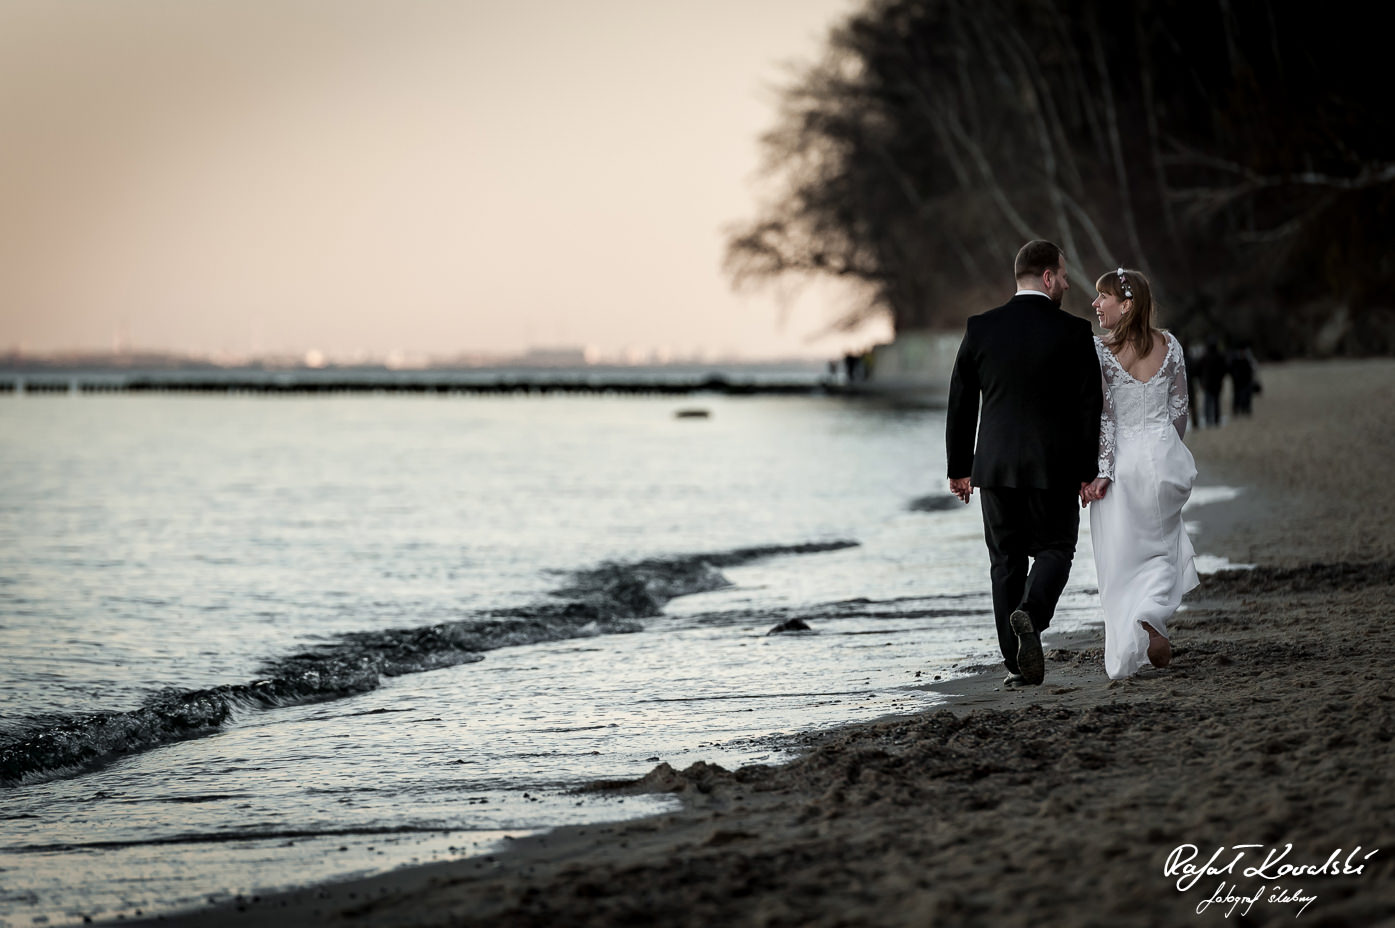 młodzi małżonkowie odchodzą w dal po zakończonej sesji plenerowej na plazy w Gdyni